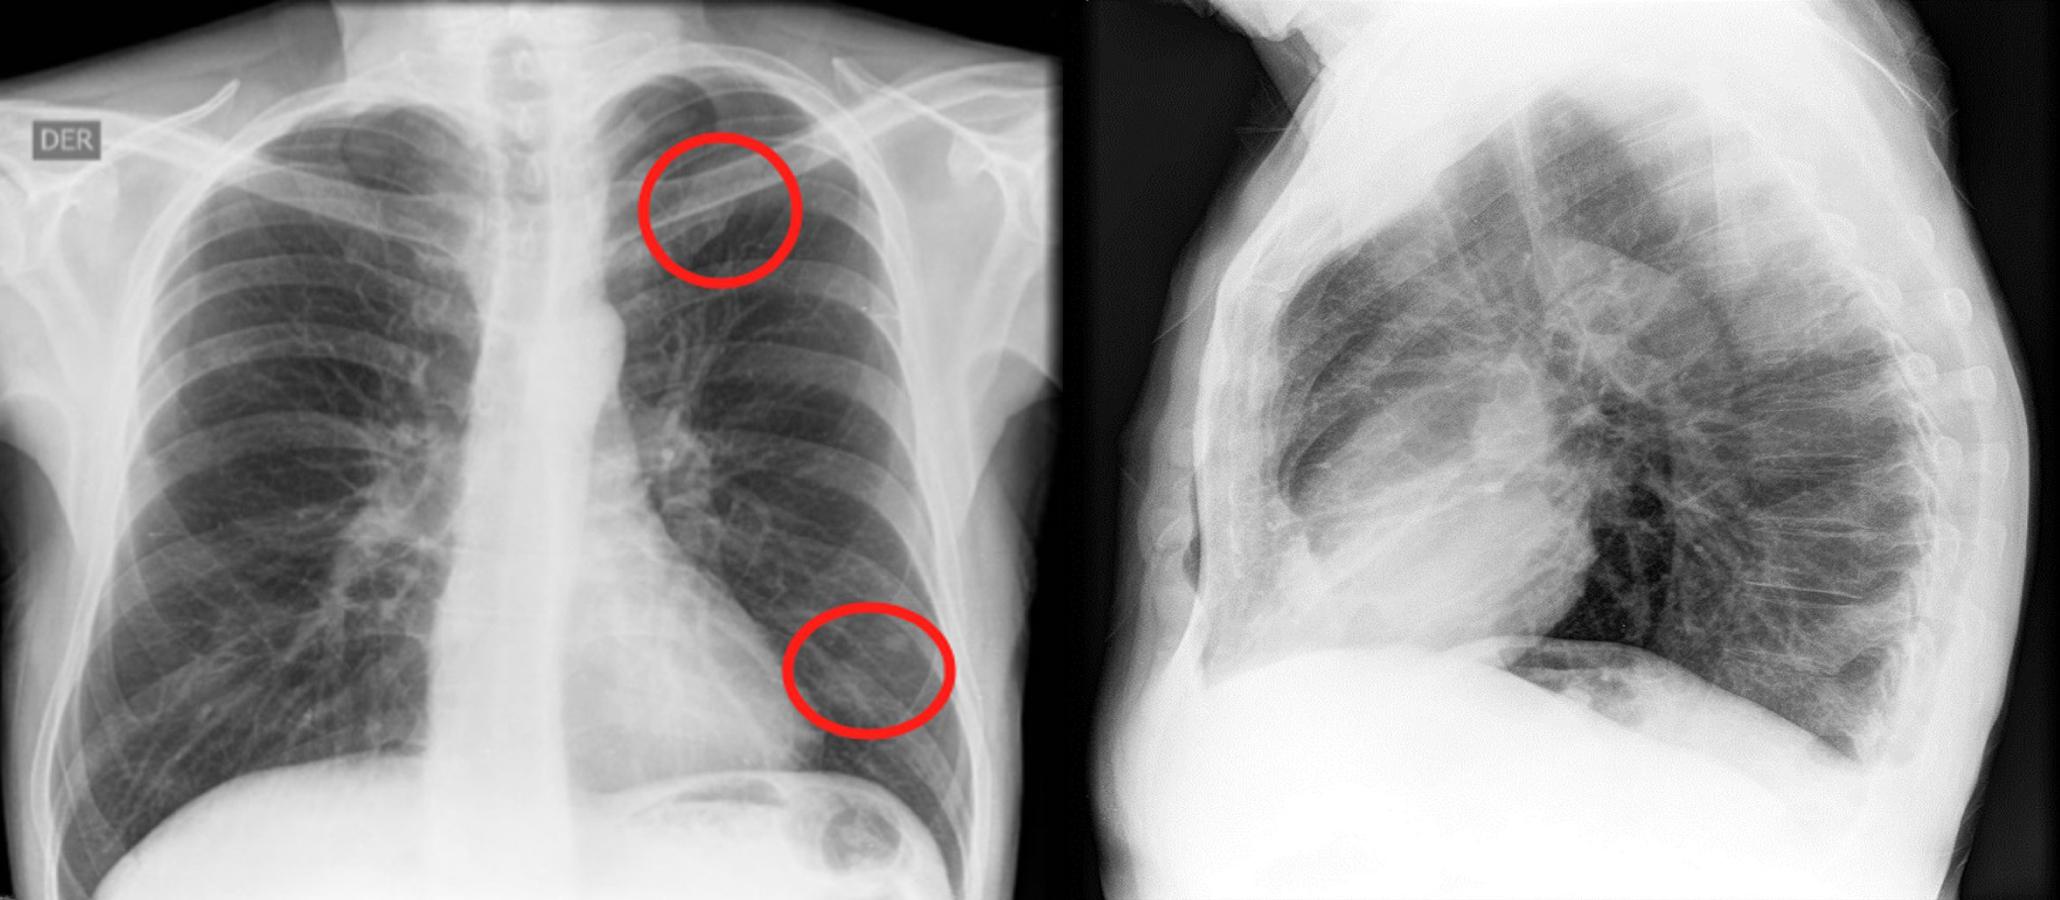 Figura 1. En la radiografía de tórax se observan opacidades nodulares con densidad de tejidos blandos, proyectadas a nivel de los lóbulos superior e inferior izquierdo. Fuente: archivo de los autores.